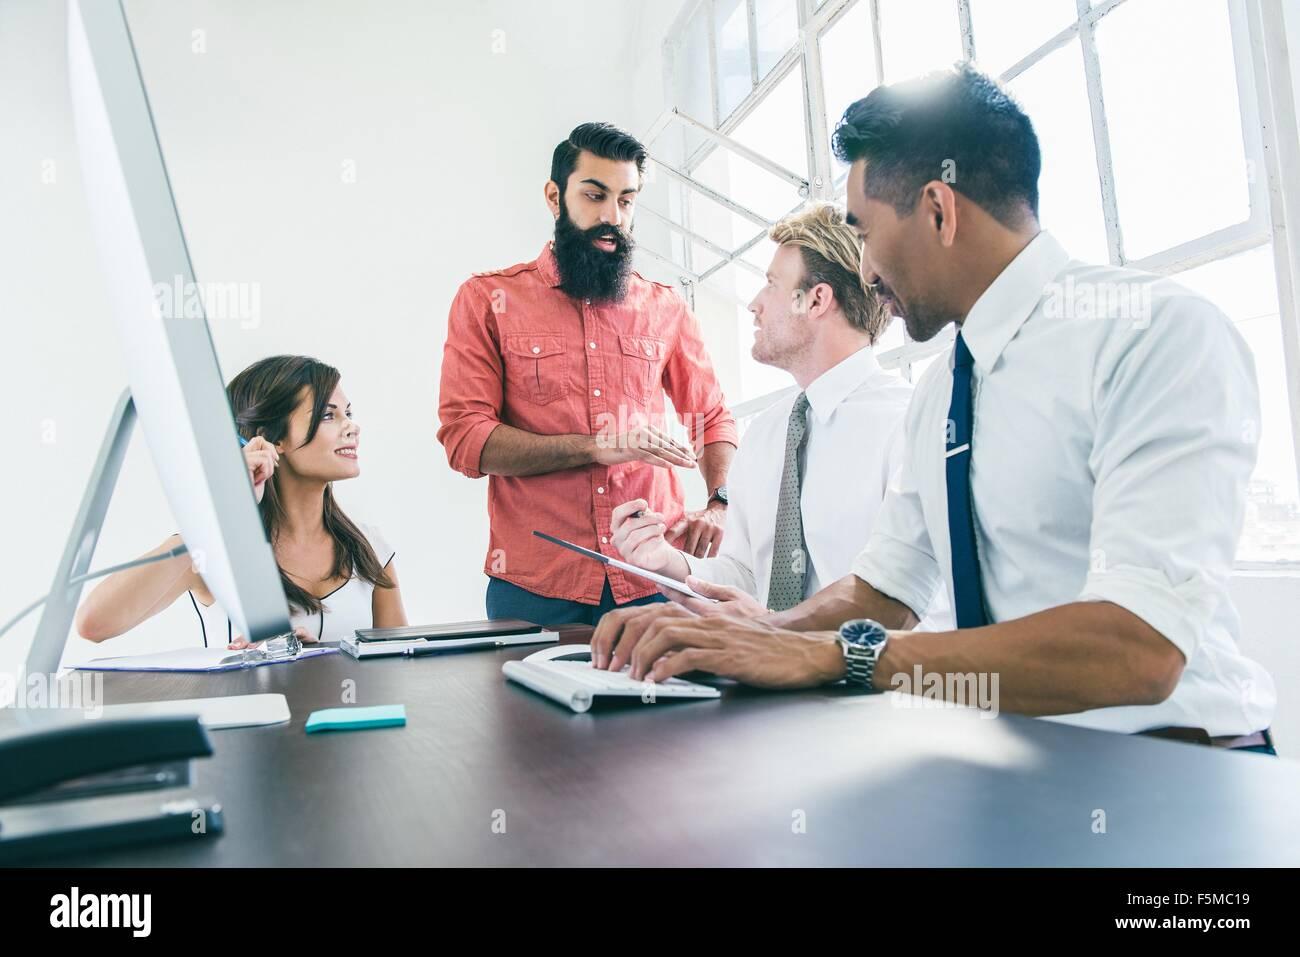 Les gens d'affaires réunion de réflexion par fenêtre de bureau Photo Stock